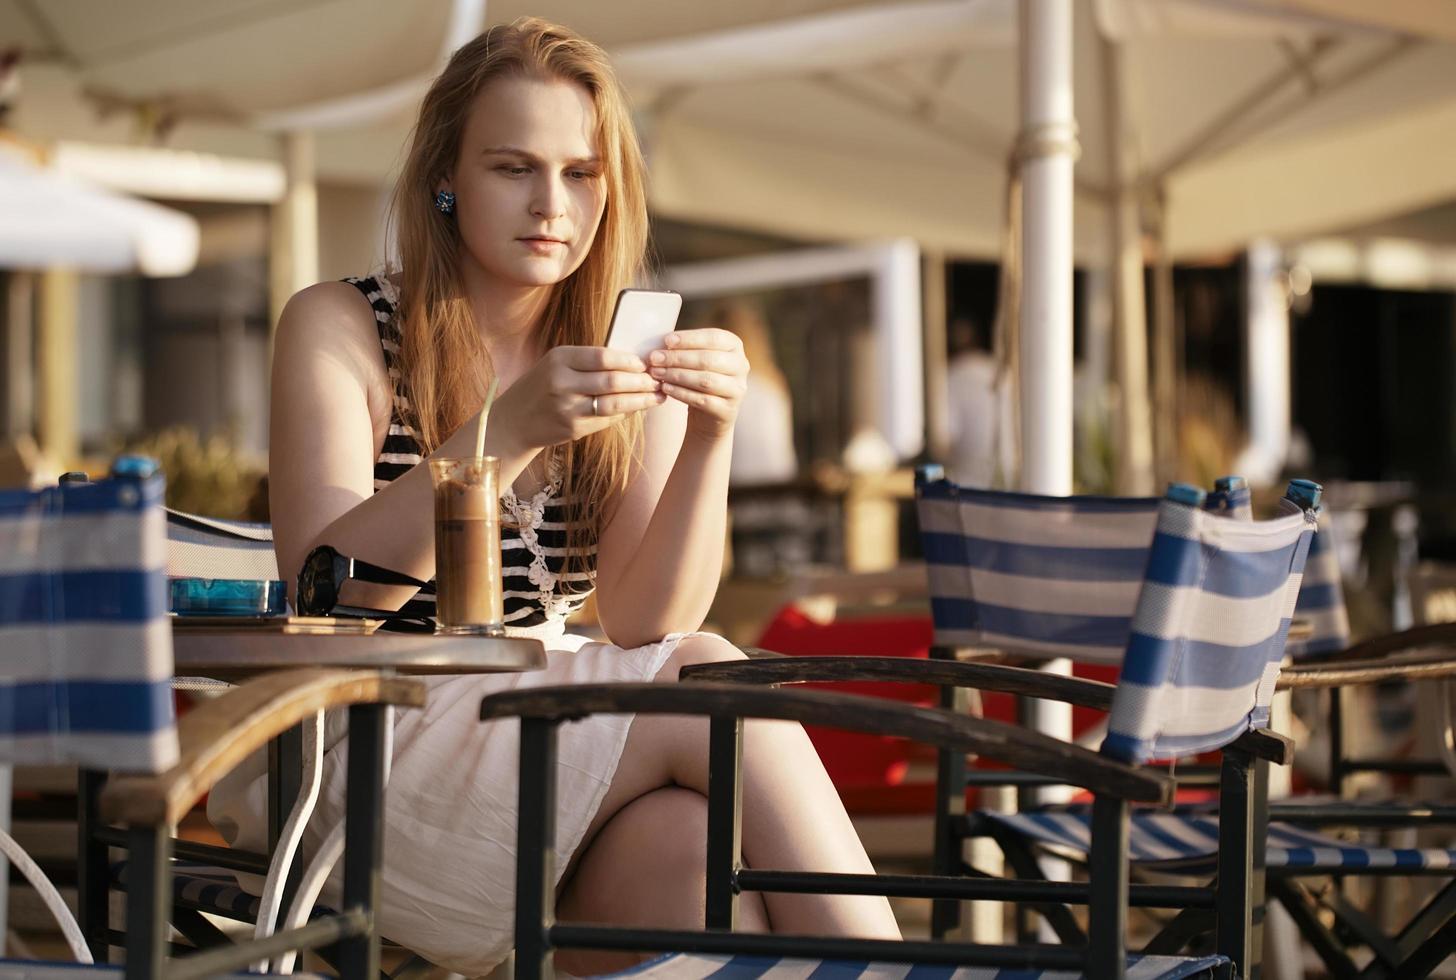 kvinna smsar på sin telefon medan du sitter på ett utomhuscafé foto